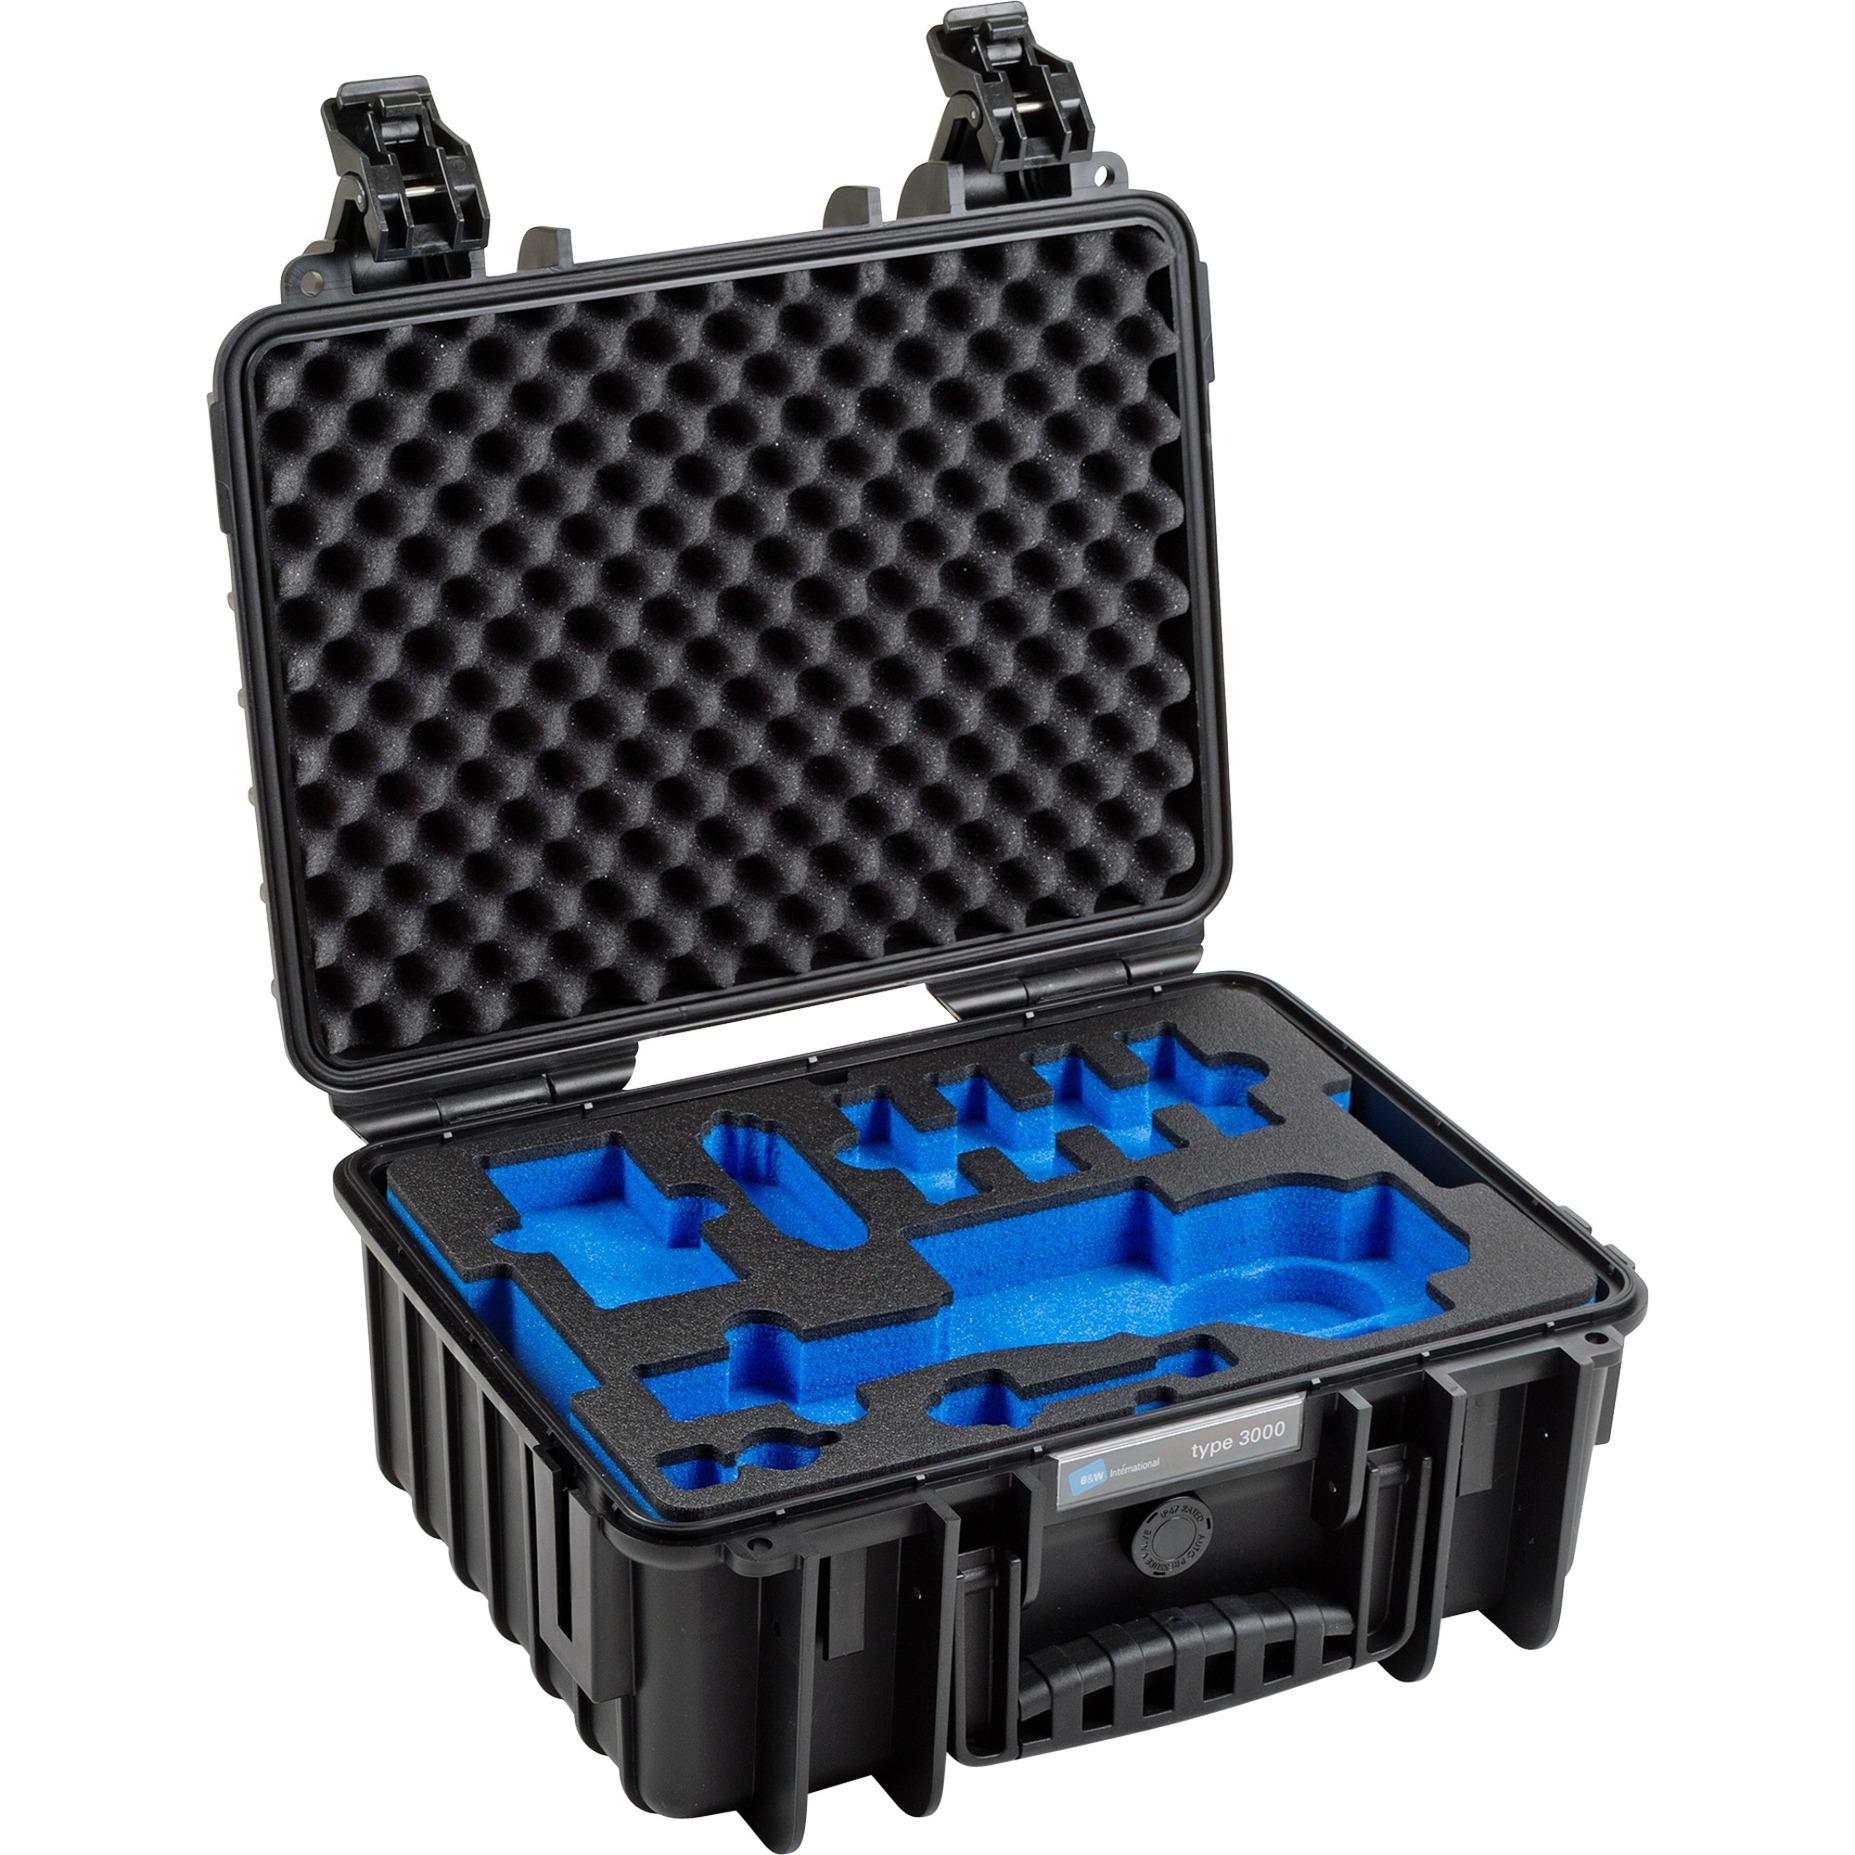 3000/B/OSMOPL Caisse rigide Noir étui et housse d'appareils photo, Valise